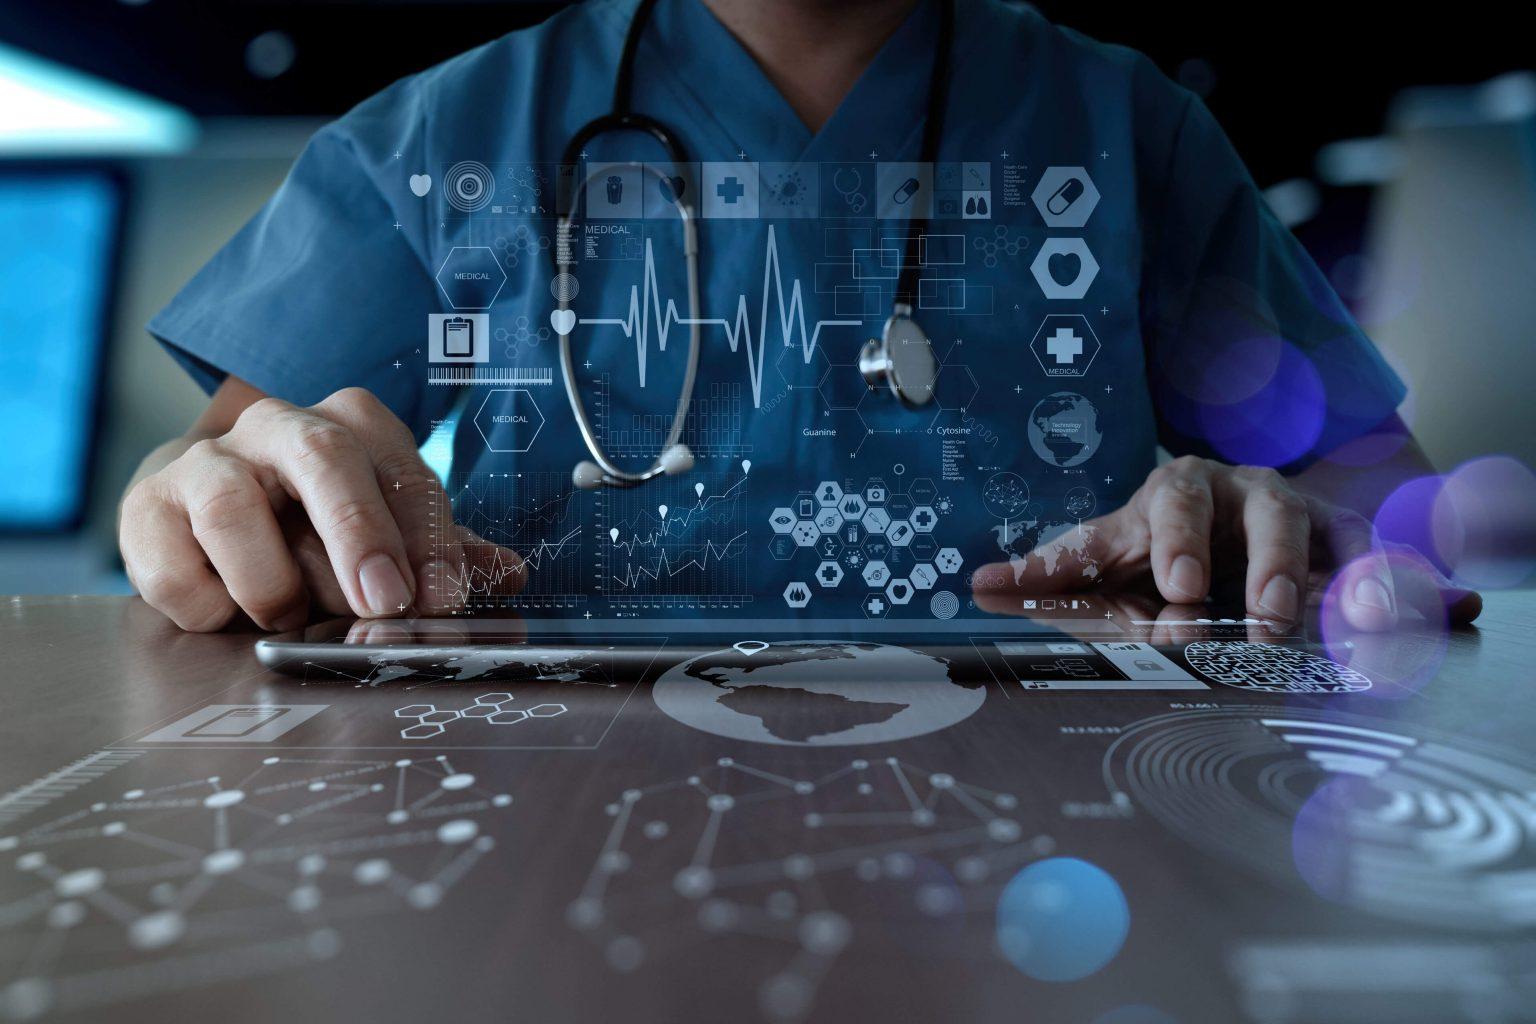 tendências de tecnologia para área médica